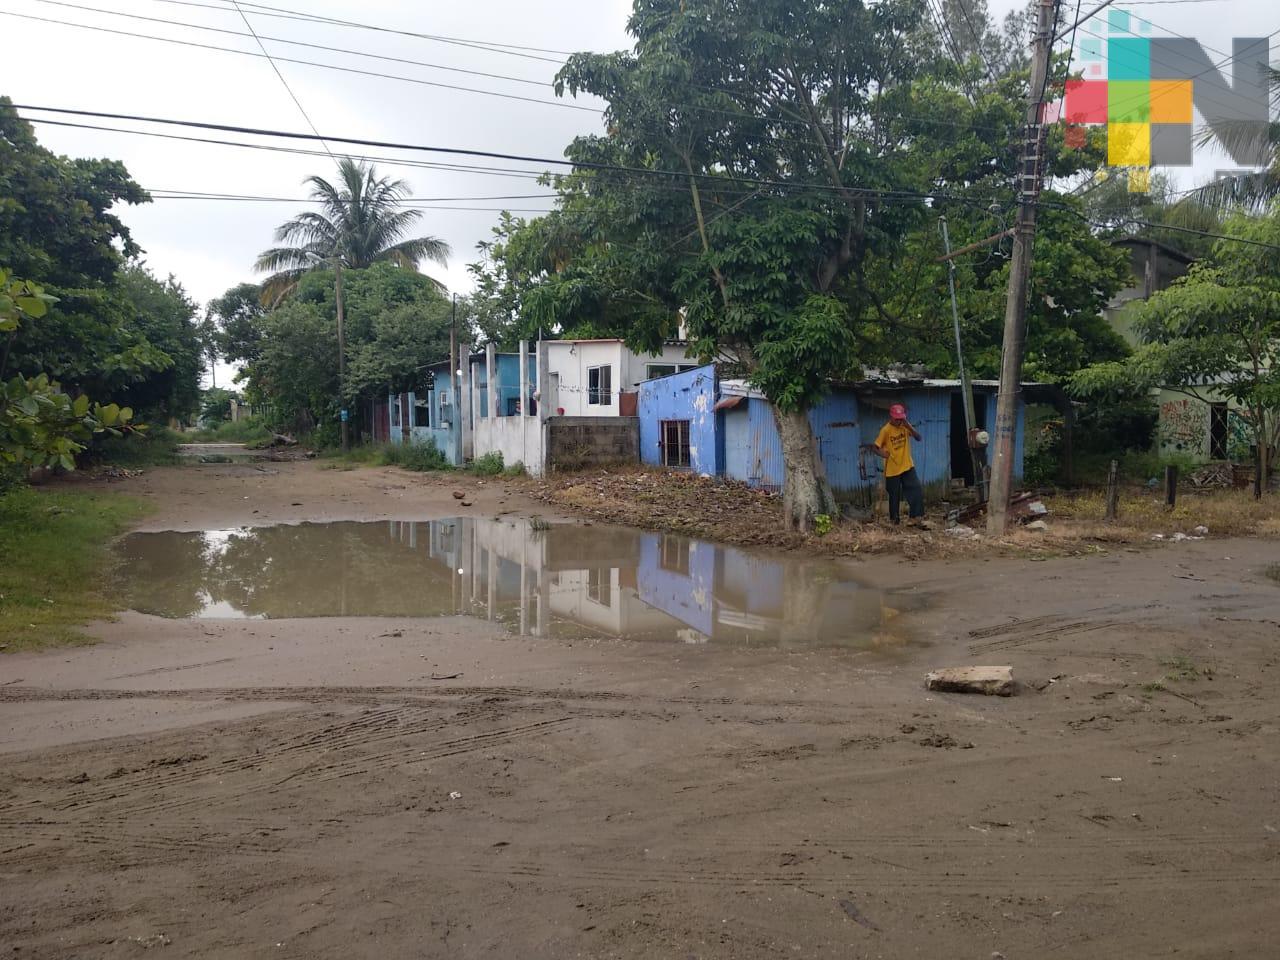 Habitantes de zonas bajas de Coatzacoalcos piden rellenar caminos para evitar inundaciones